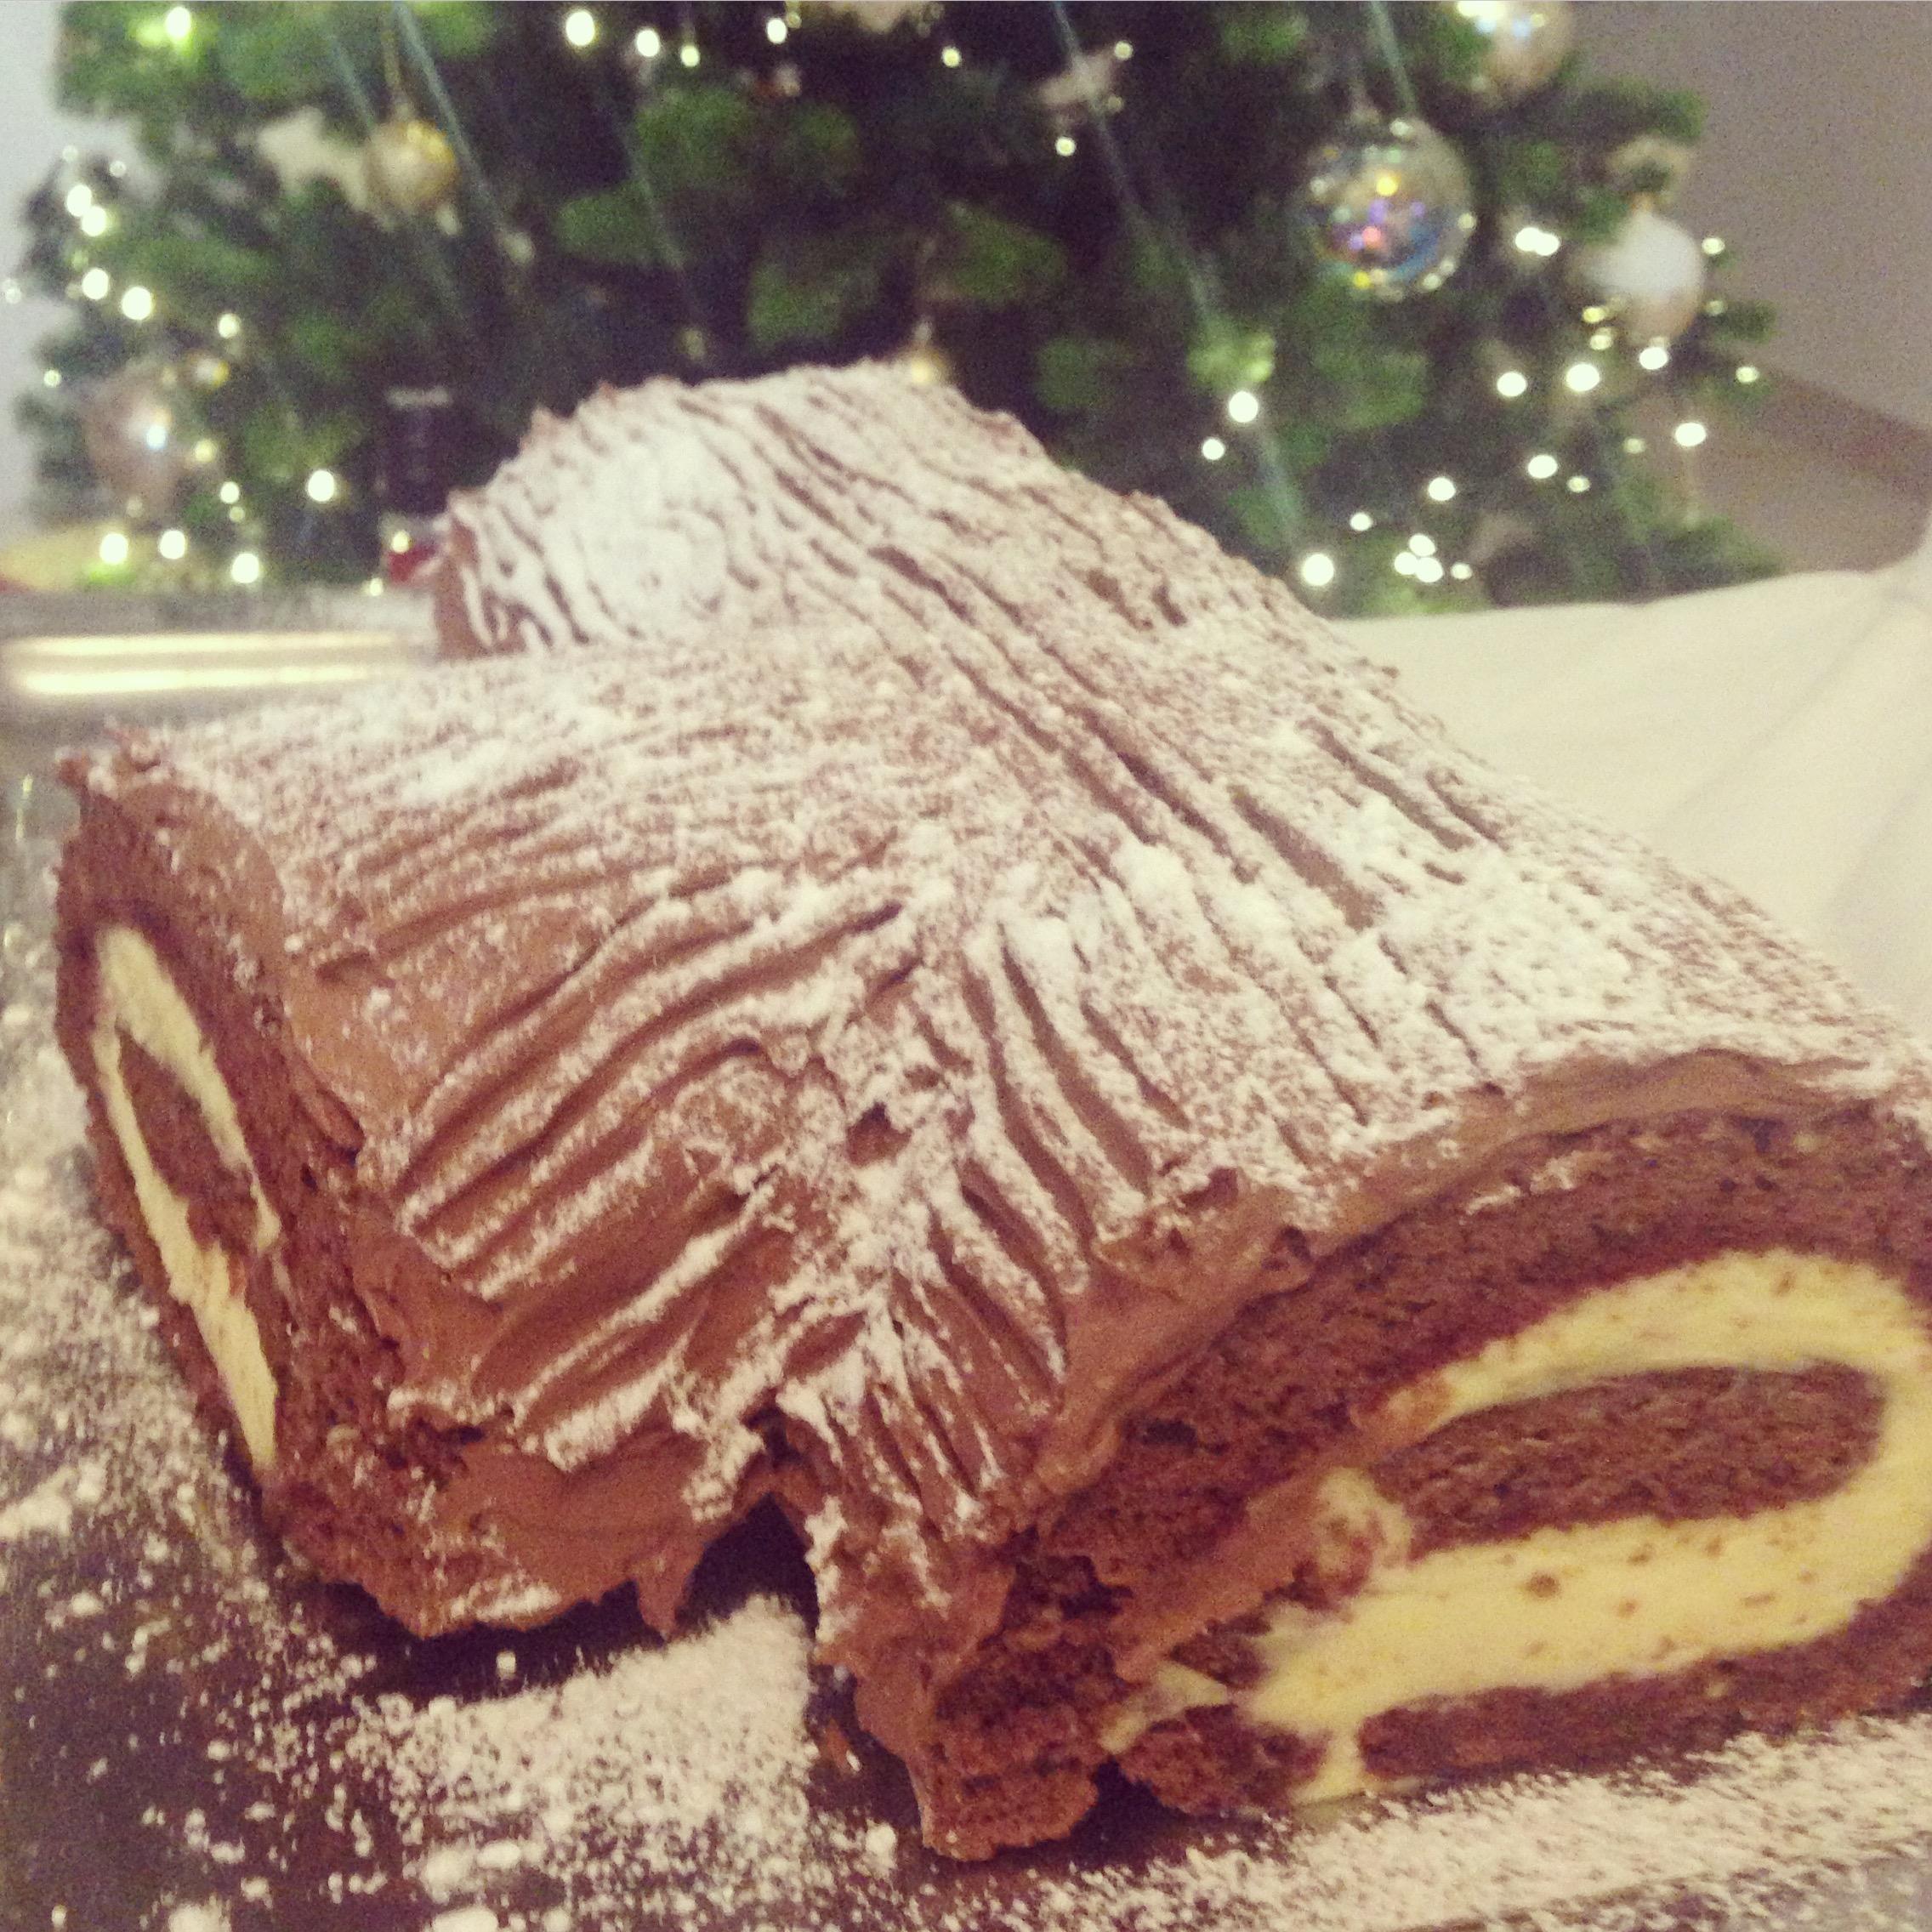 Tronchetto Di Natale Al Tiramisu.Tronchetto Di Natale Cinnamon Bliss